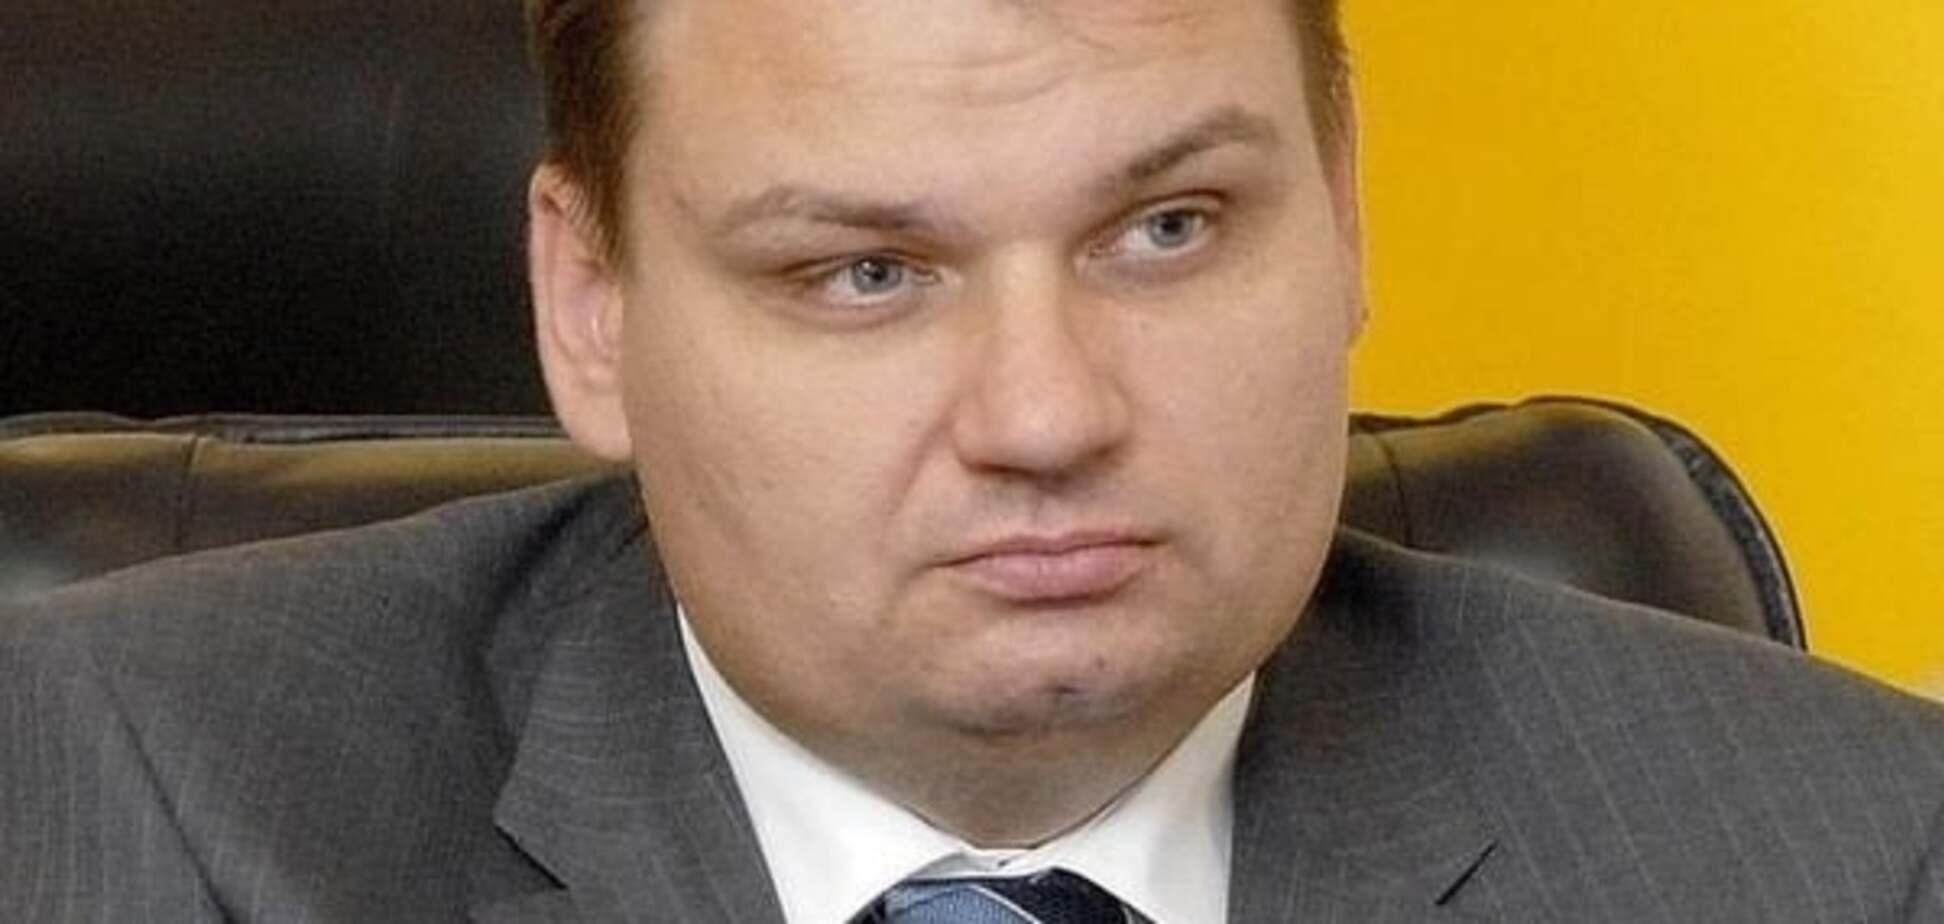 Суд ужесточил меру пересечения адвокату Лукаш